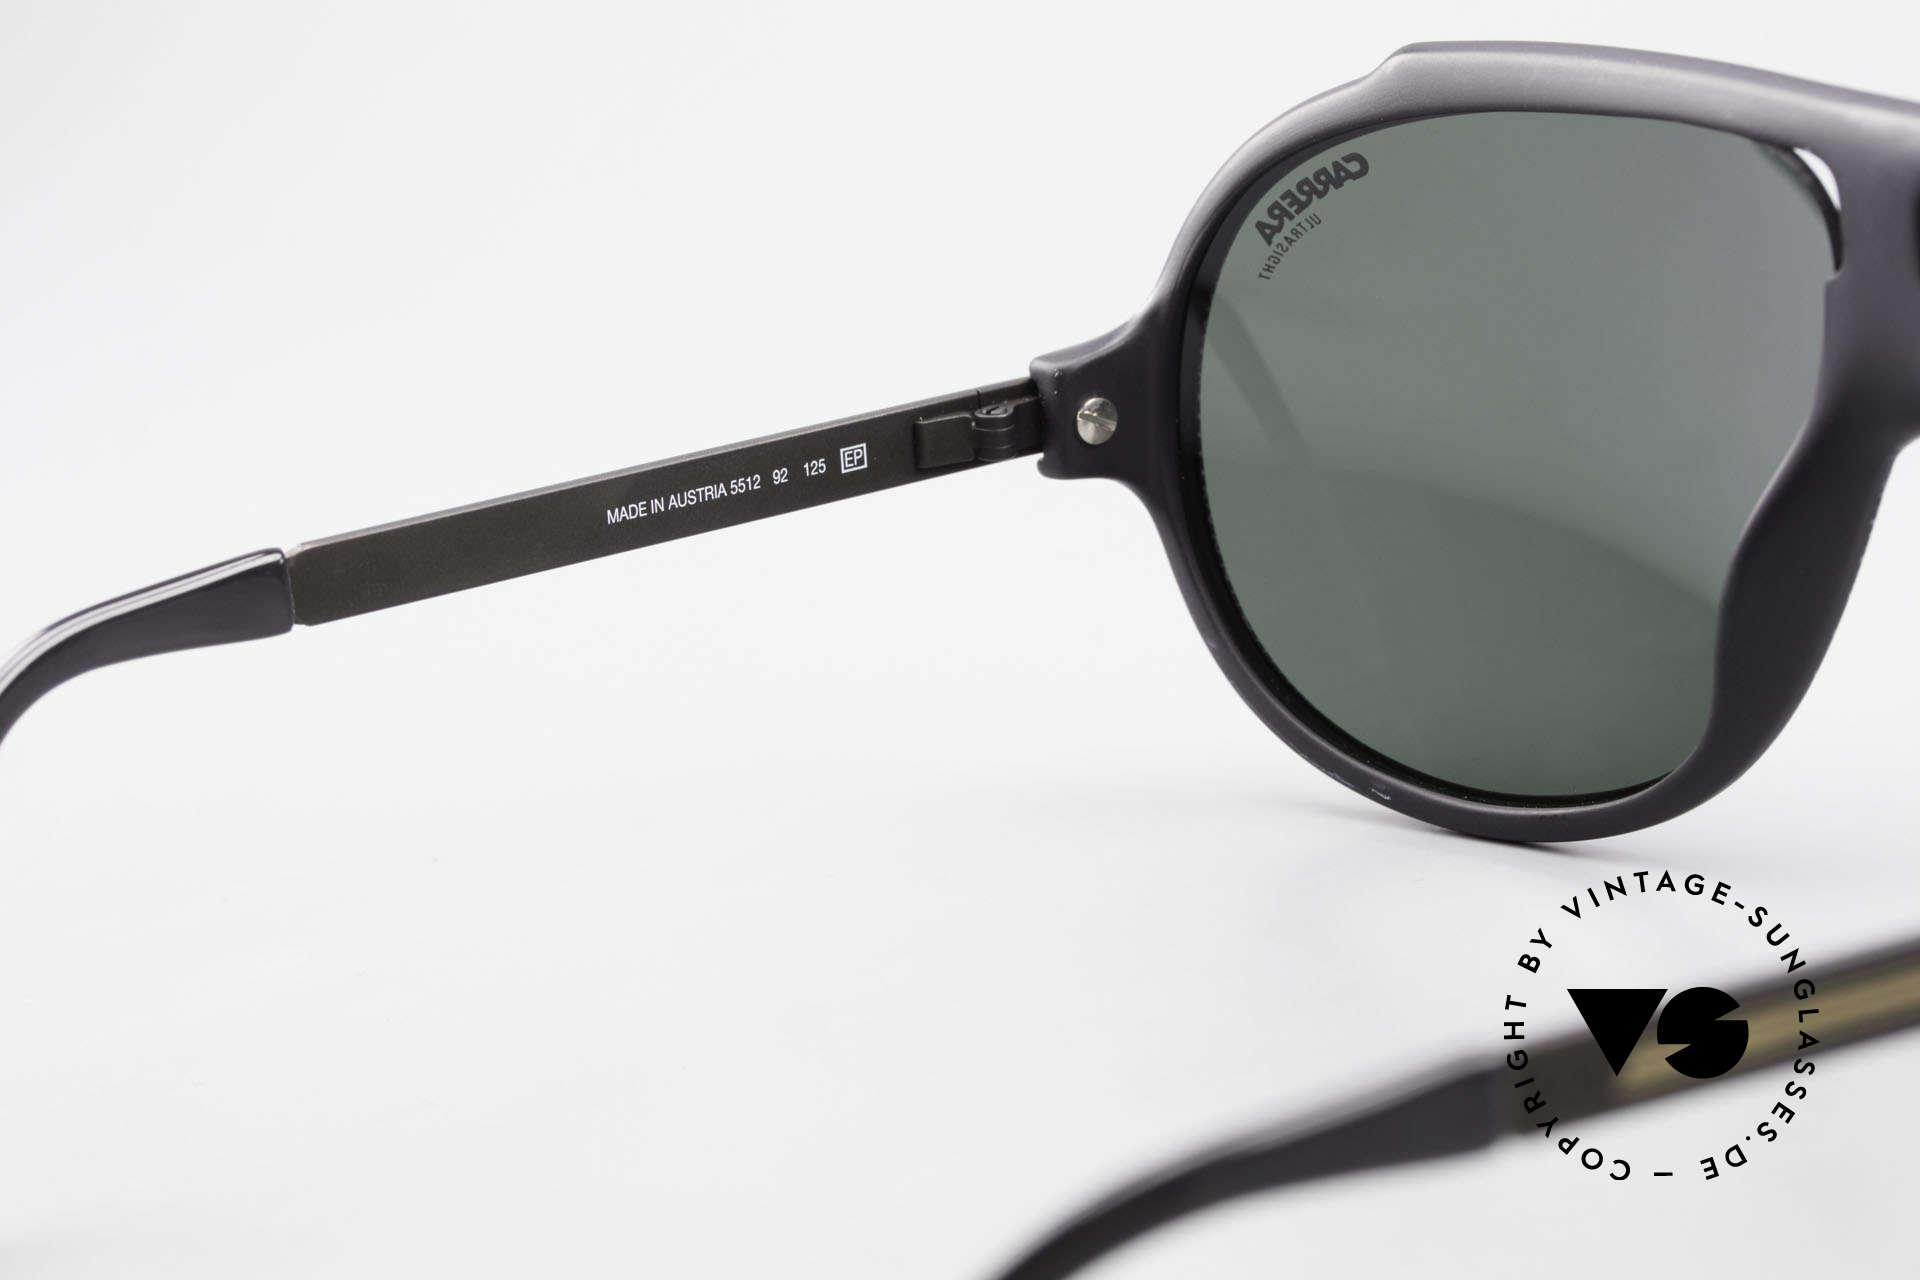 Carrera 5512 80er Kult Brille Miami Vice, sehr massiv, dennoch komfortabel dank OPTYL-Material, Passend für Herren